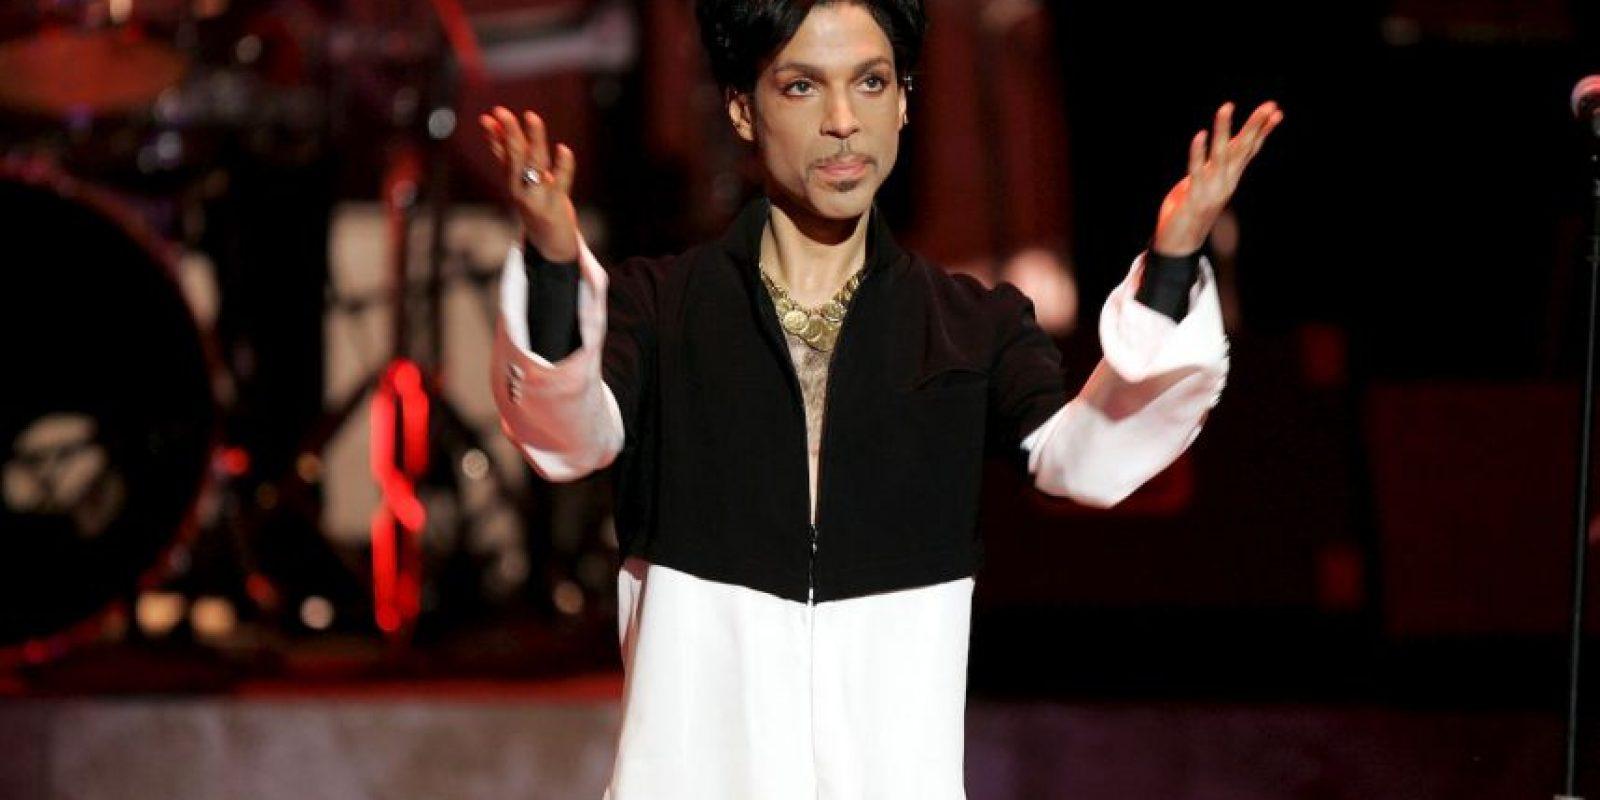 Ahora es recordado como uno de los mayores intérpretes de pop, funk y R&B de la historia. Foto:Vía Instagram/@Prince. Imagen Por: